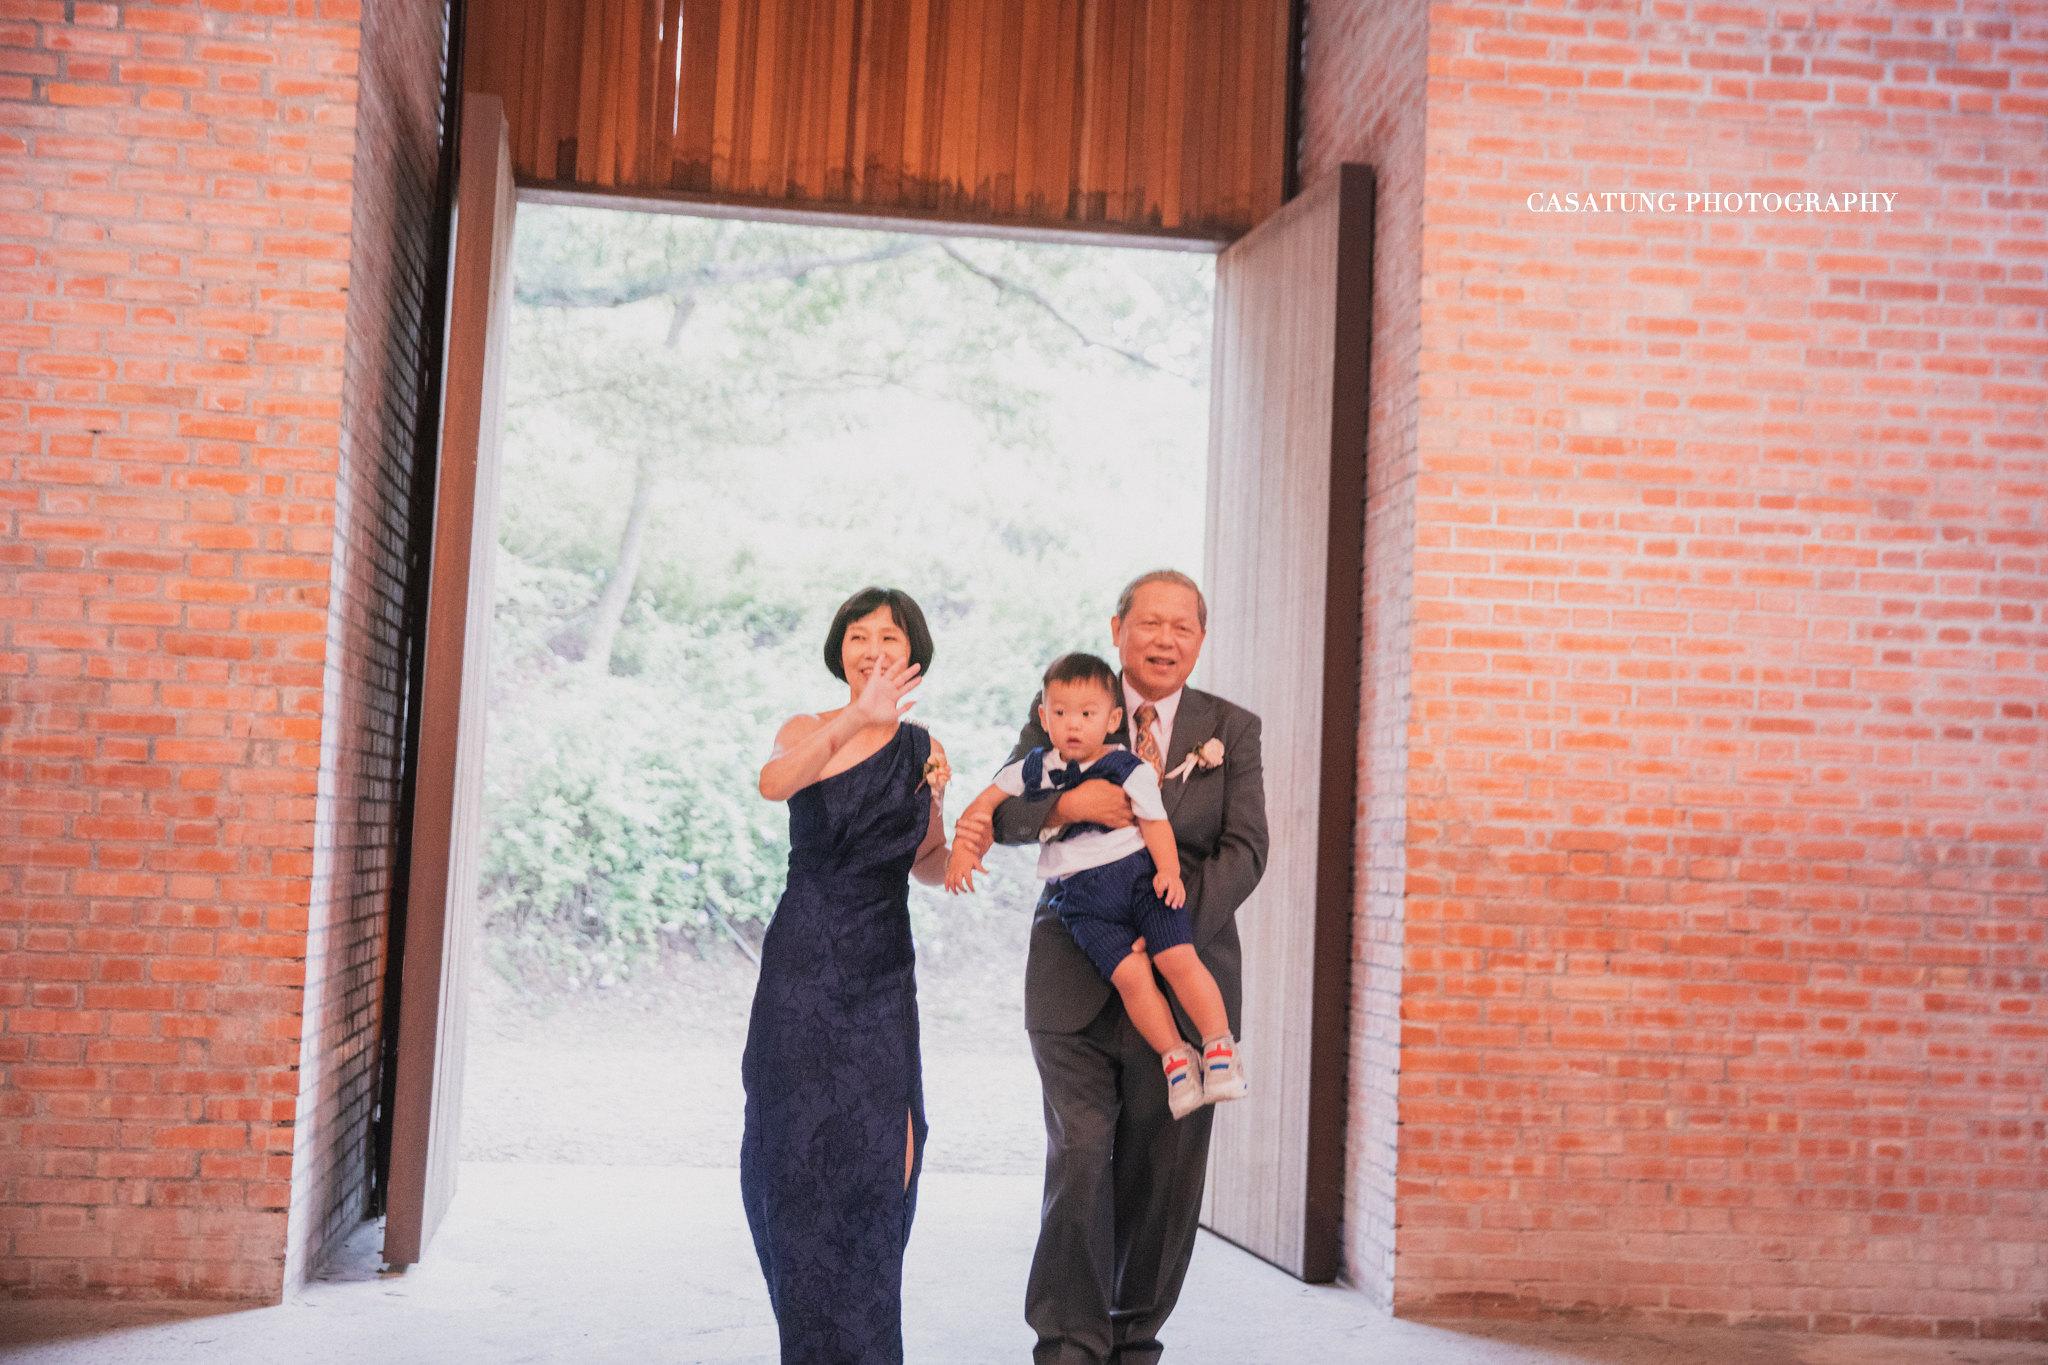 顏氏牧場婚禮,台中婚攝casa,旋轉木馬-85